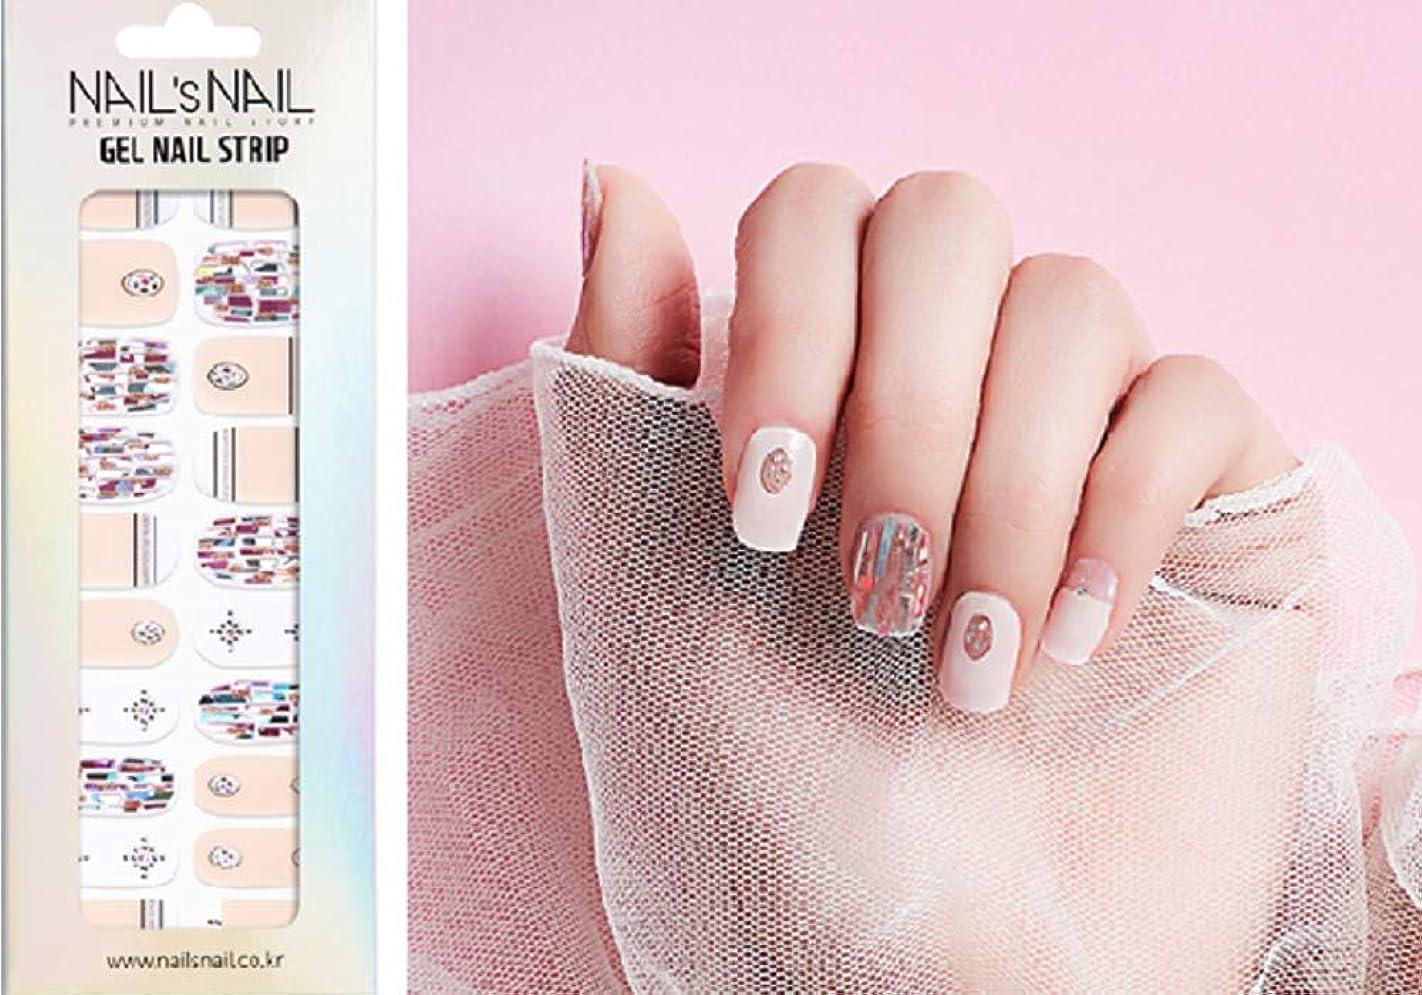 いわゆる補償非効率的な\貼るジェルネイル/Nail's Nail(ネイルスネイル) ジェルネイルストリップ 105